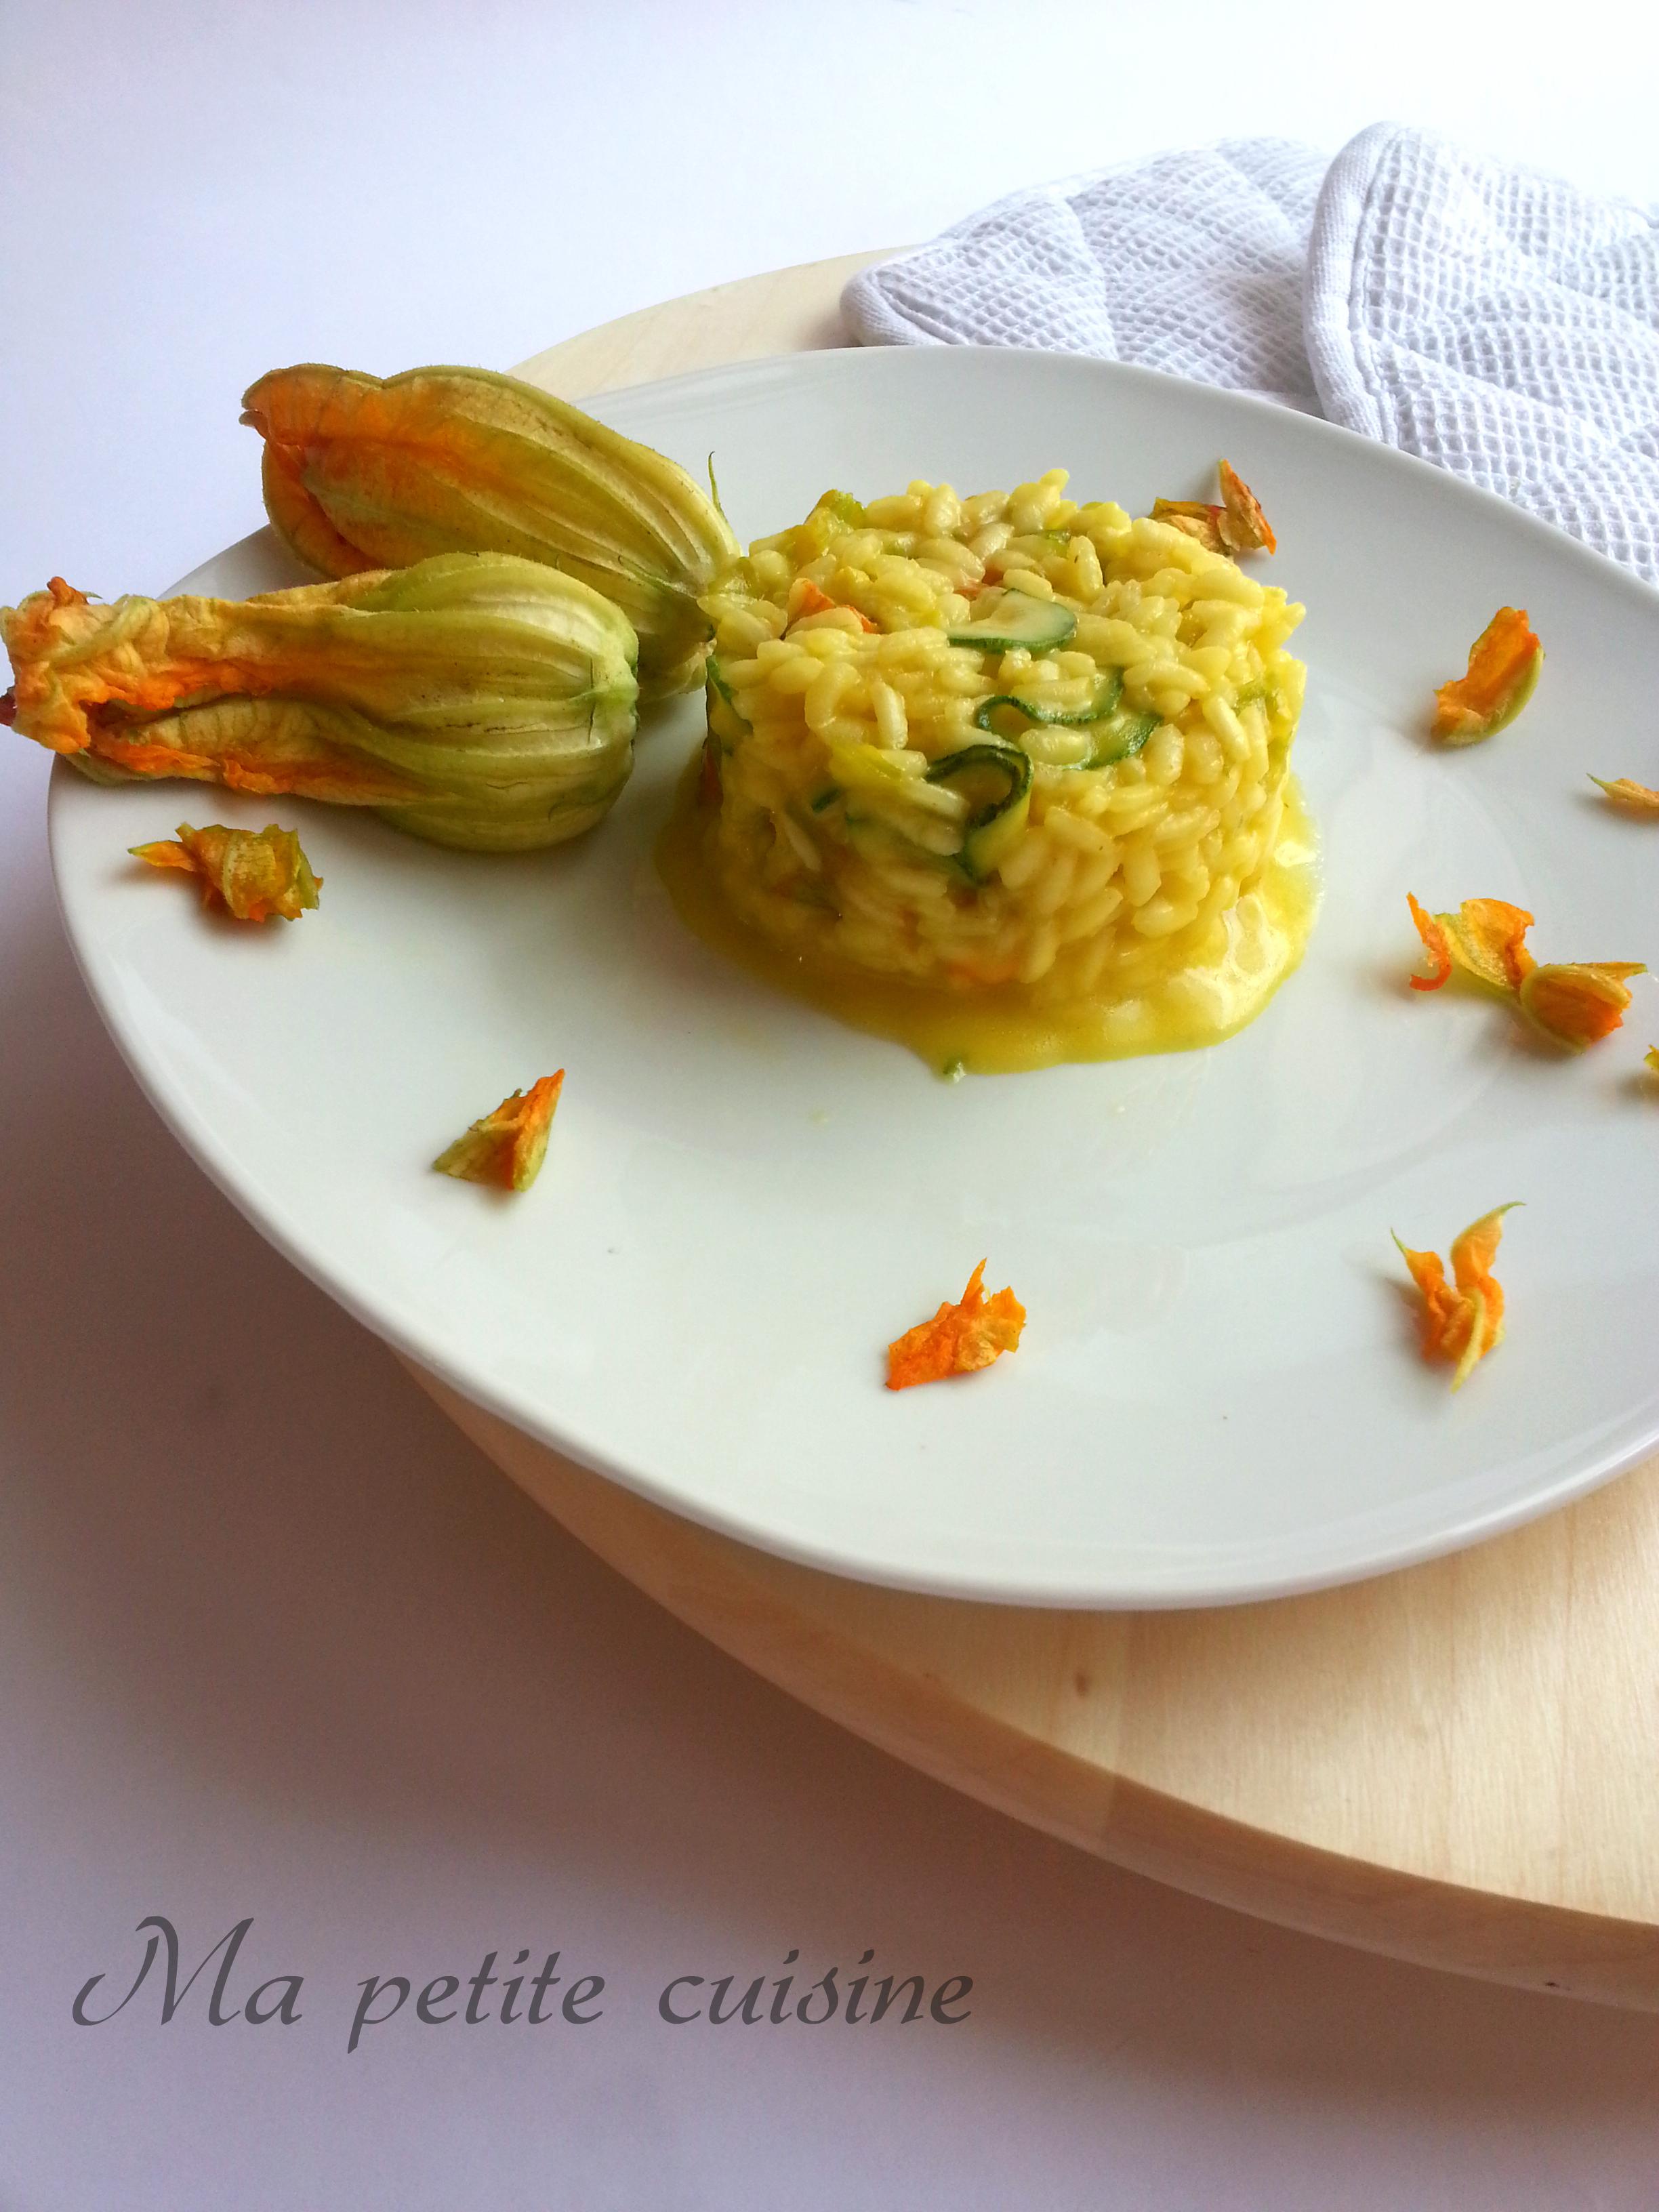 Risotto ai fiori di zucchine e zafferano ma petite cuisine - Ma petite cuisine by audrey ...